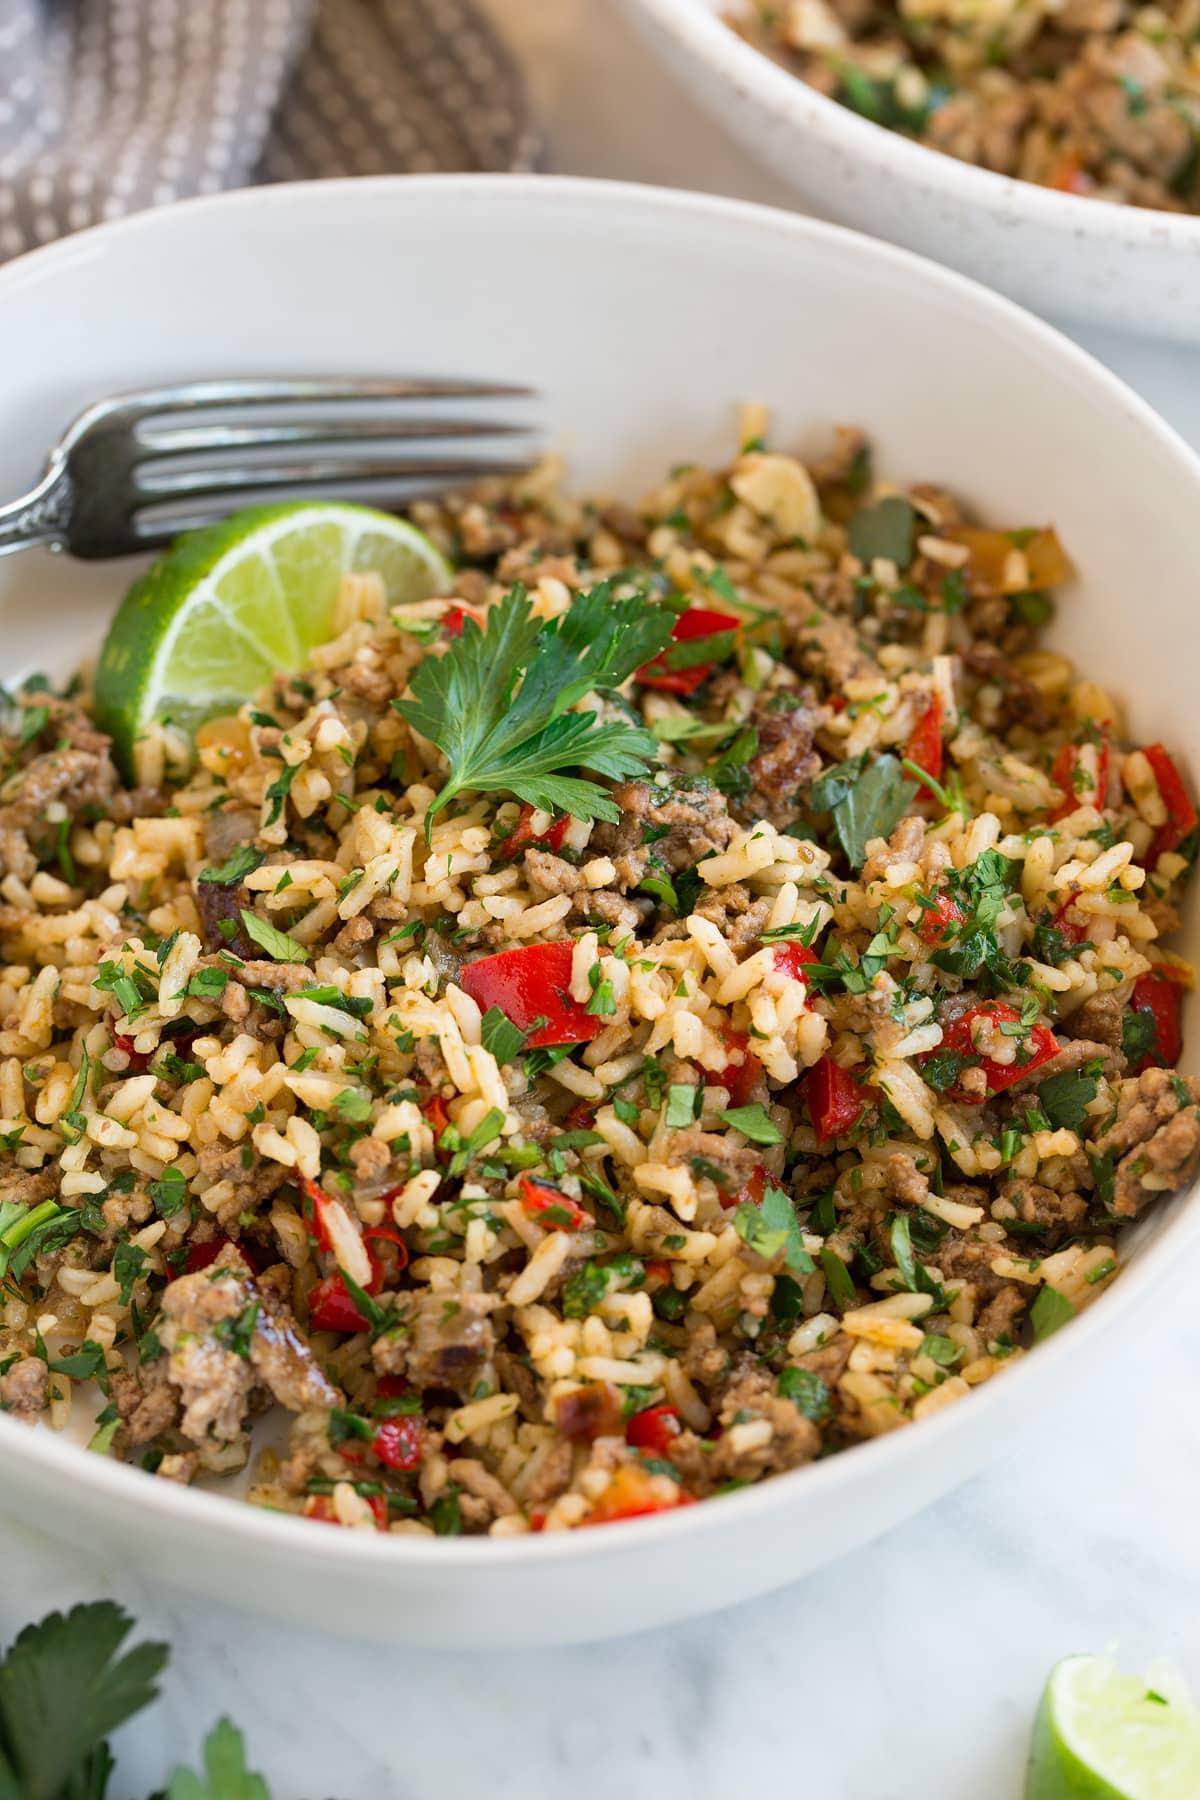 Chimichurri Beef and Rice